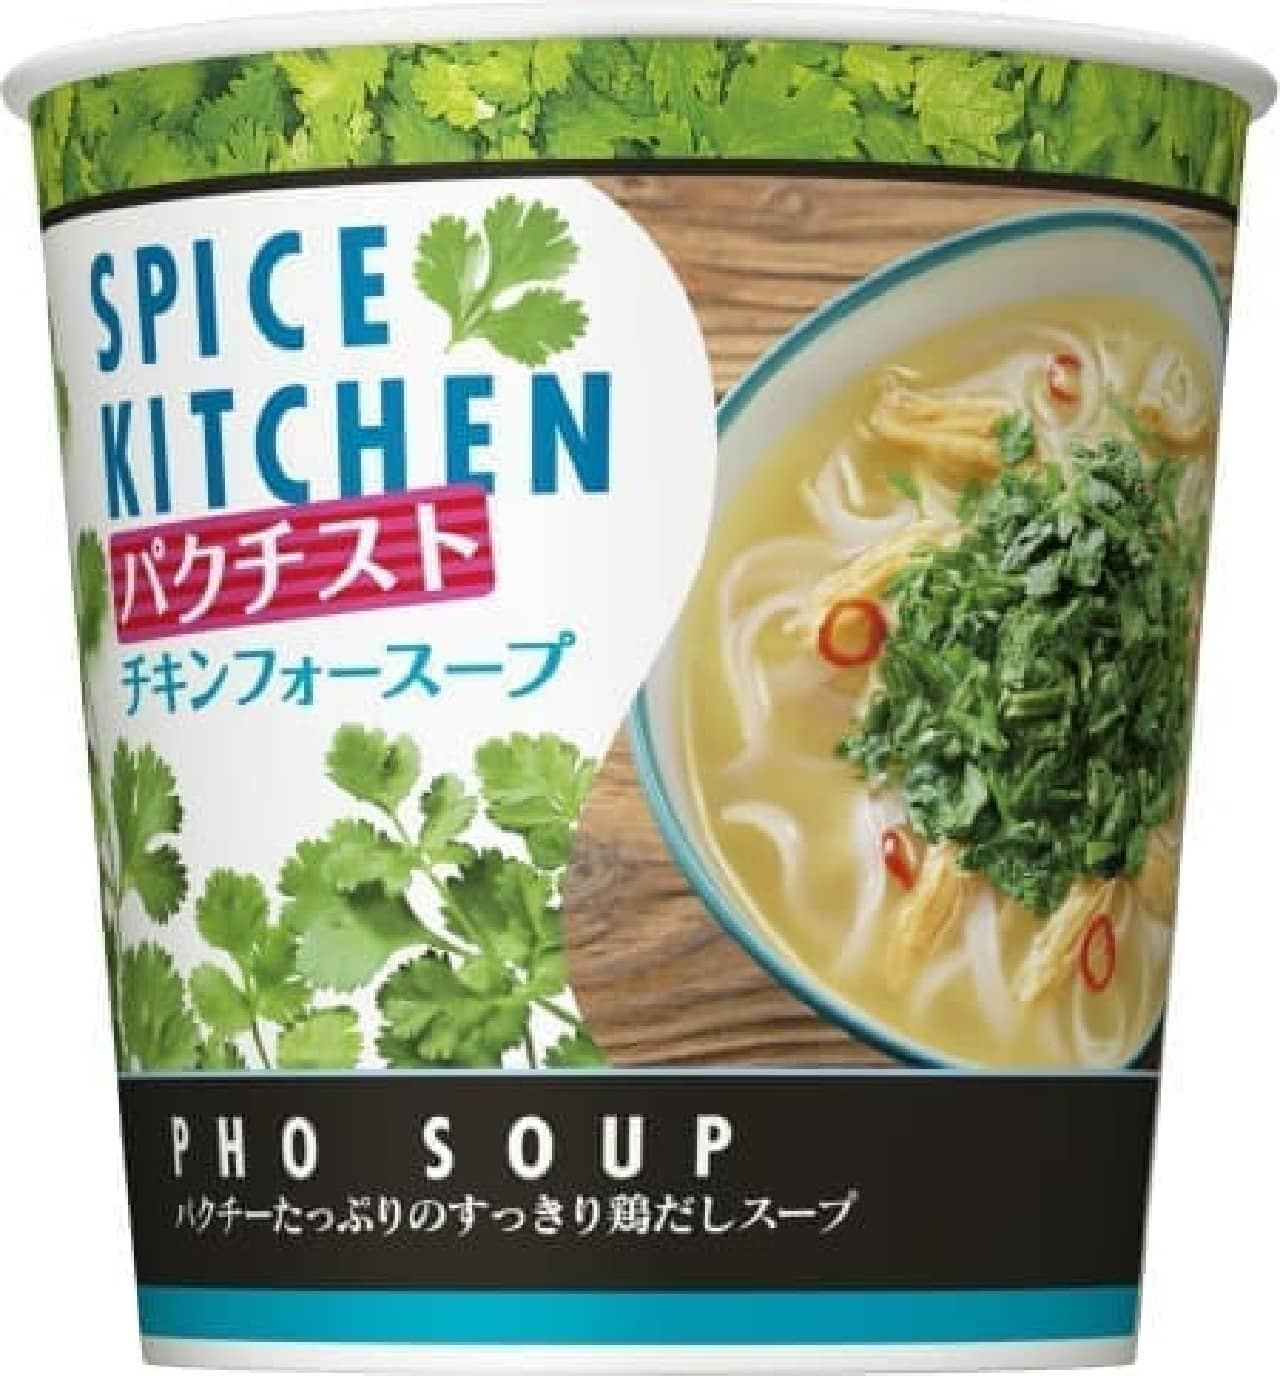 日清食品「スパイスキッチン パクチスト チキンフォースープ」